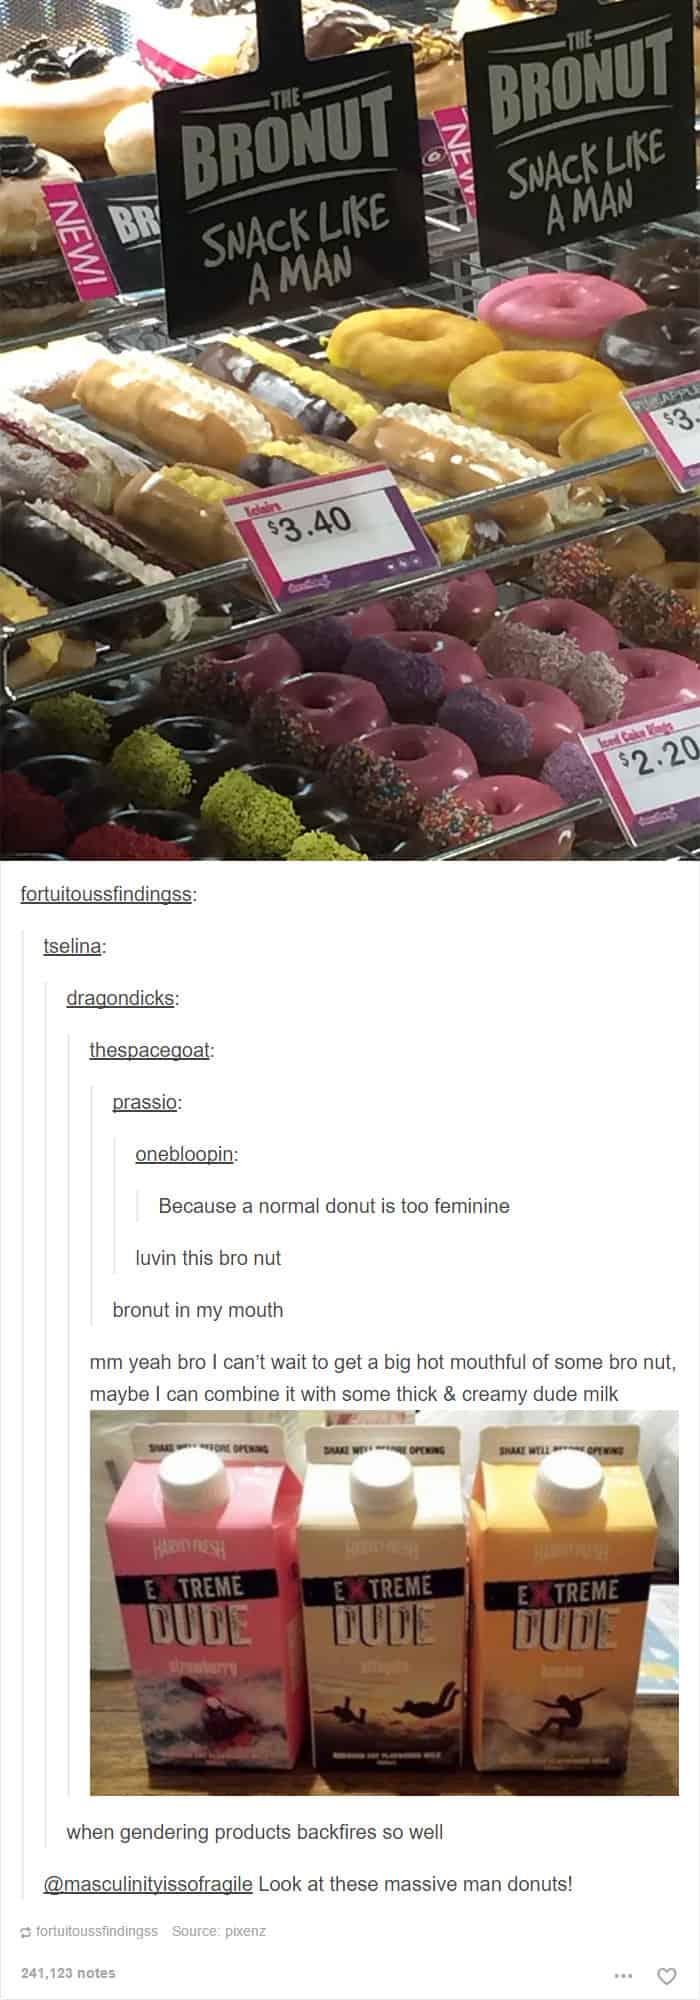 donut-for-men